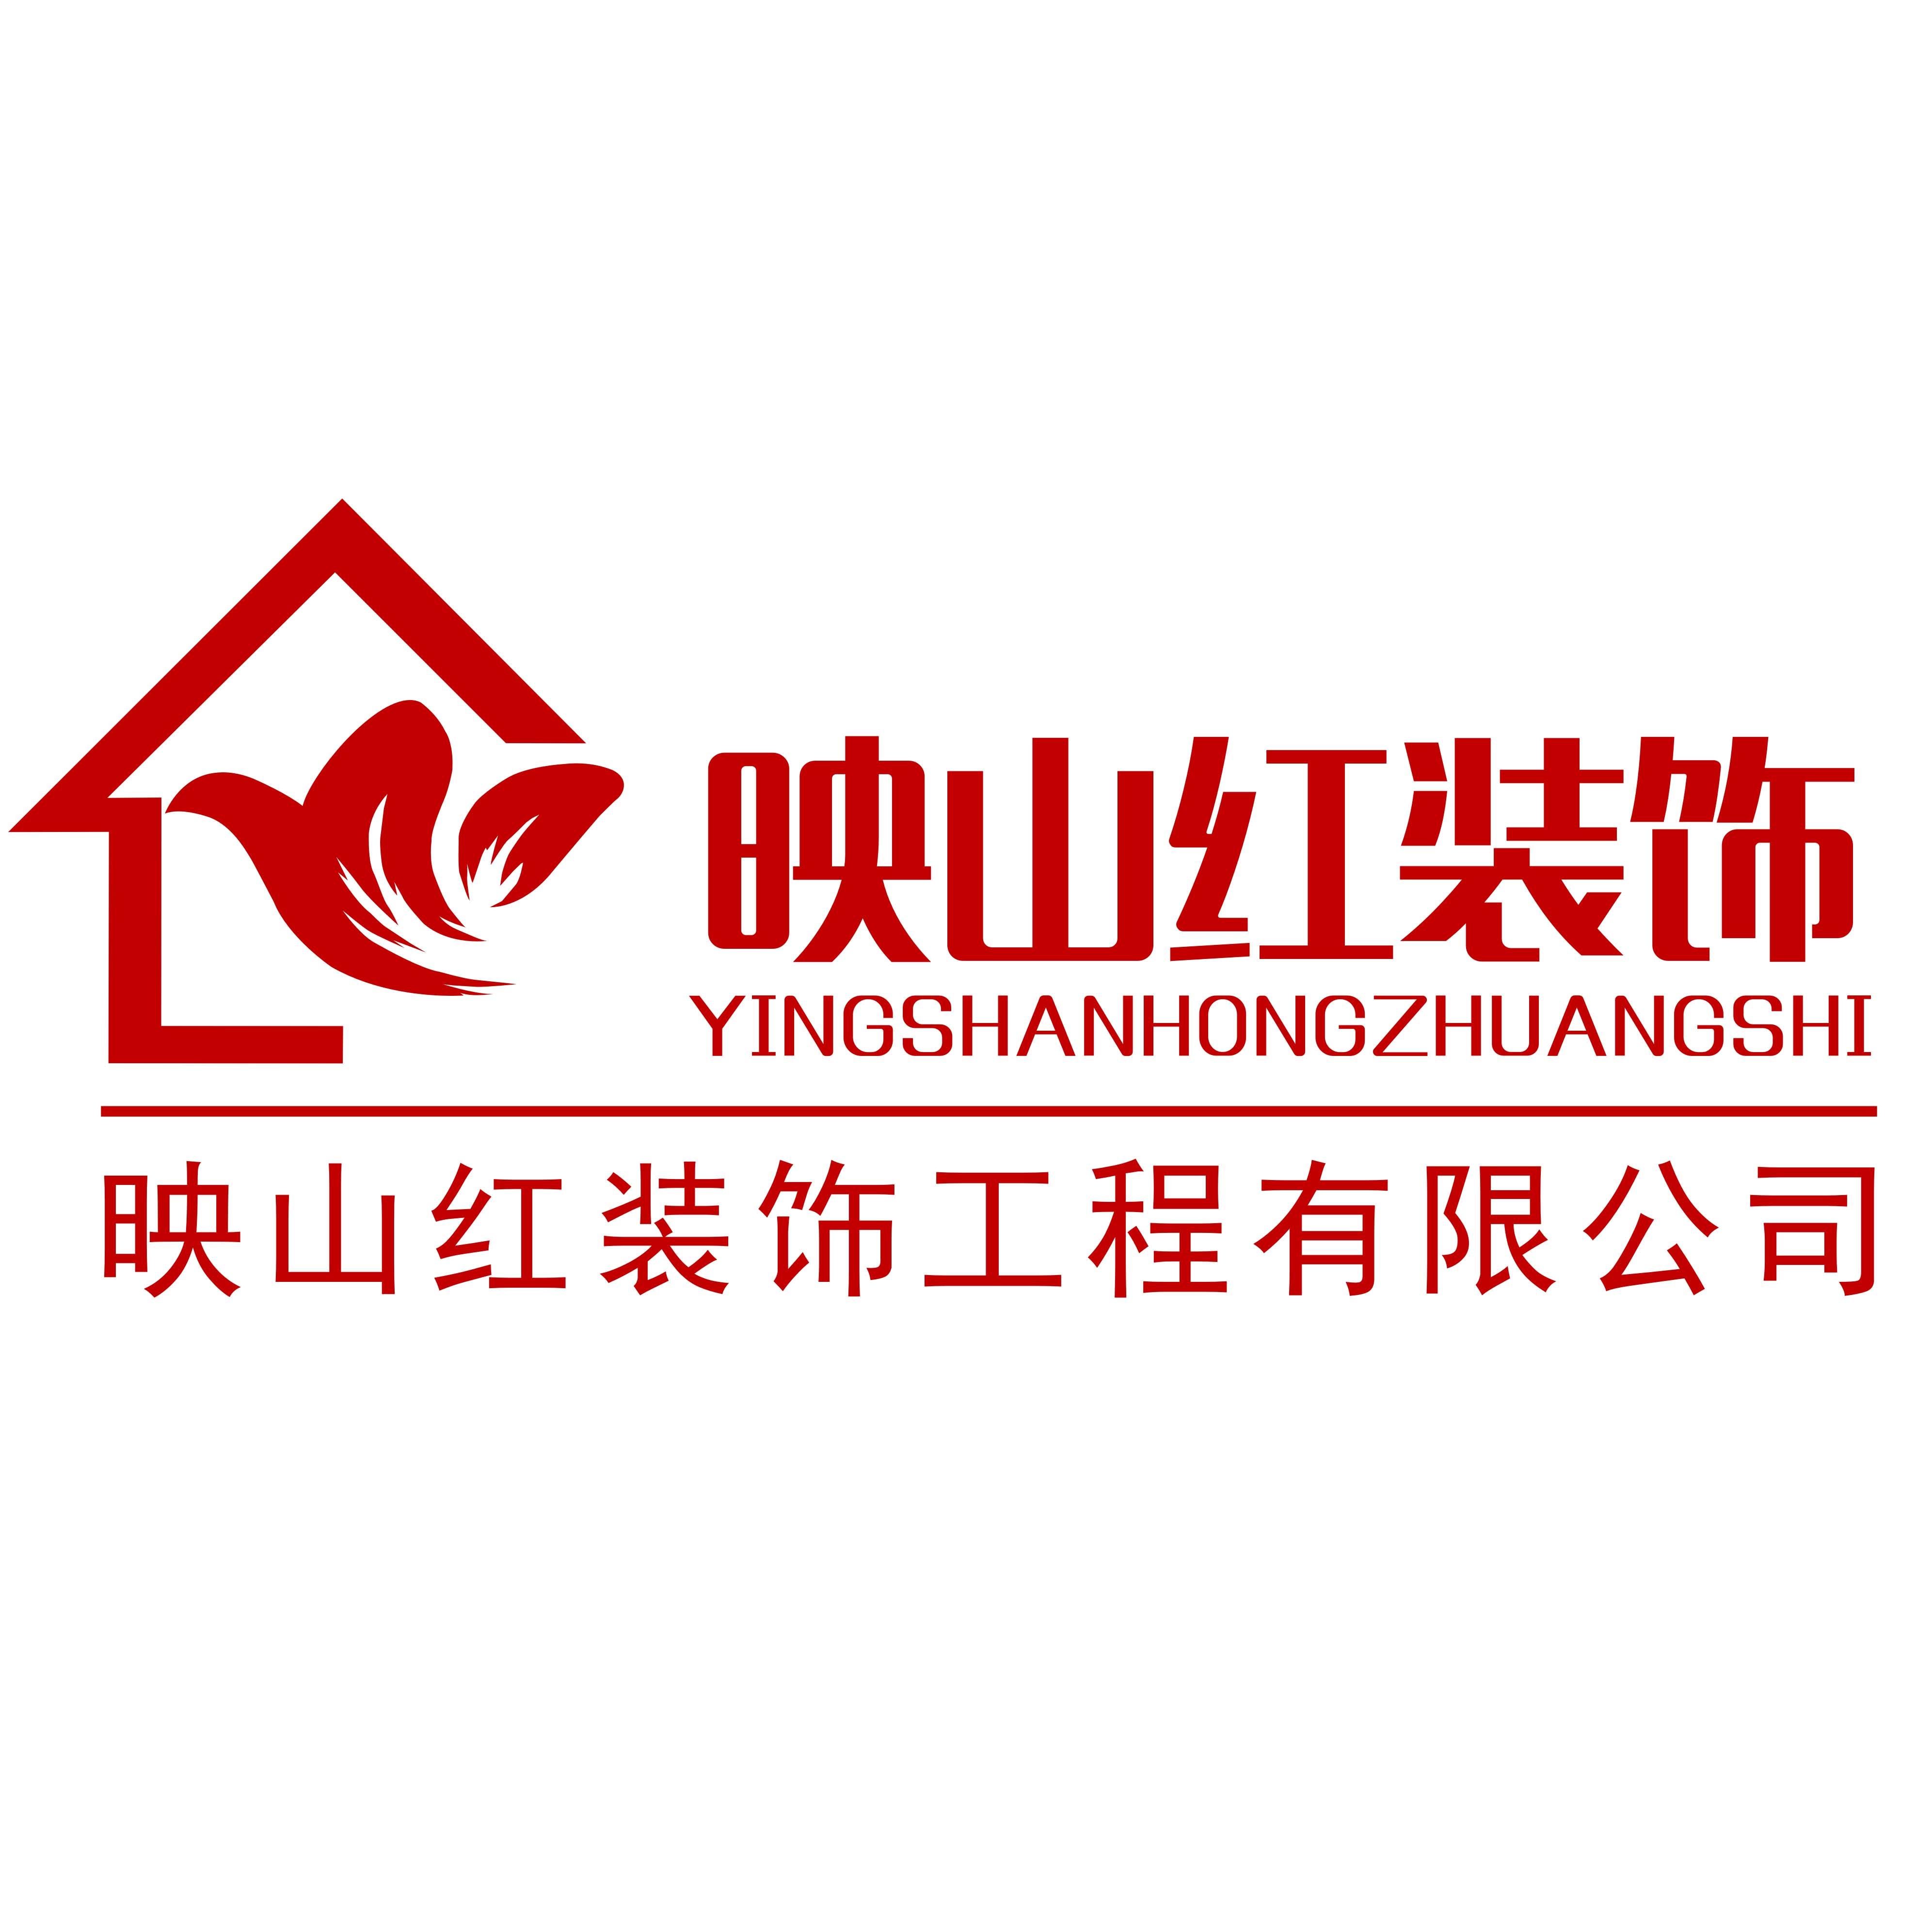 蘇州映山紅裝飾工程有限公司